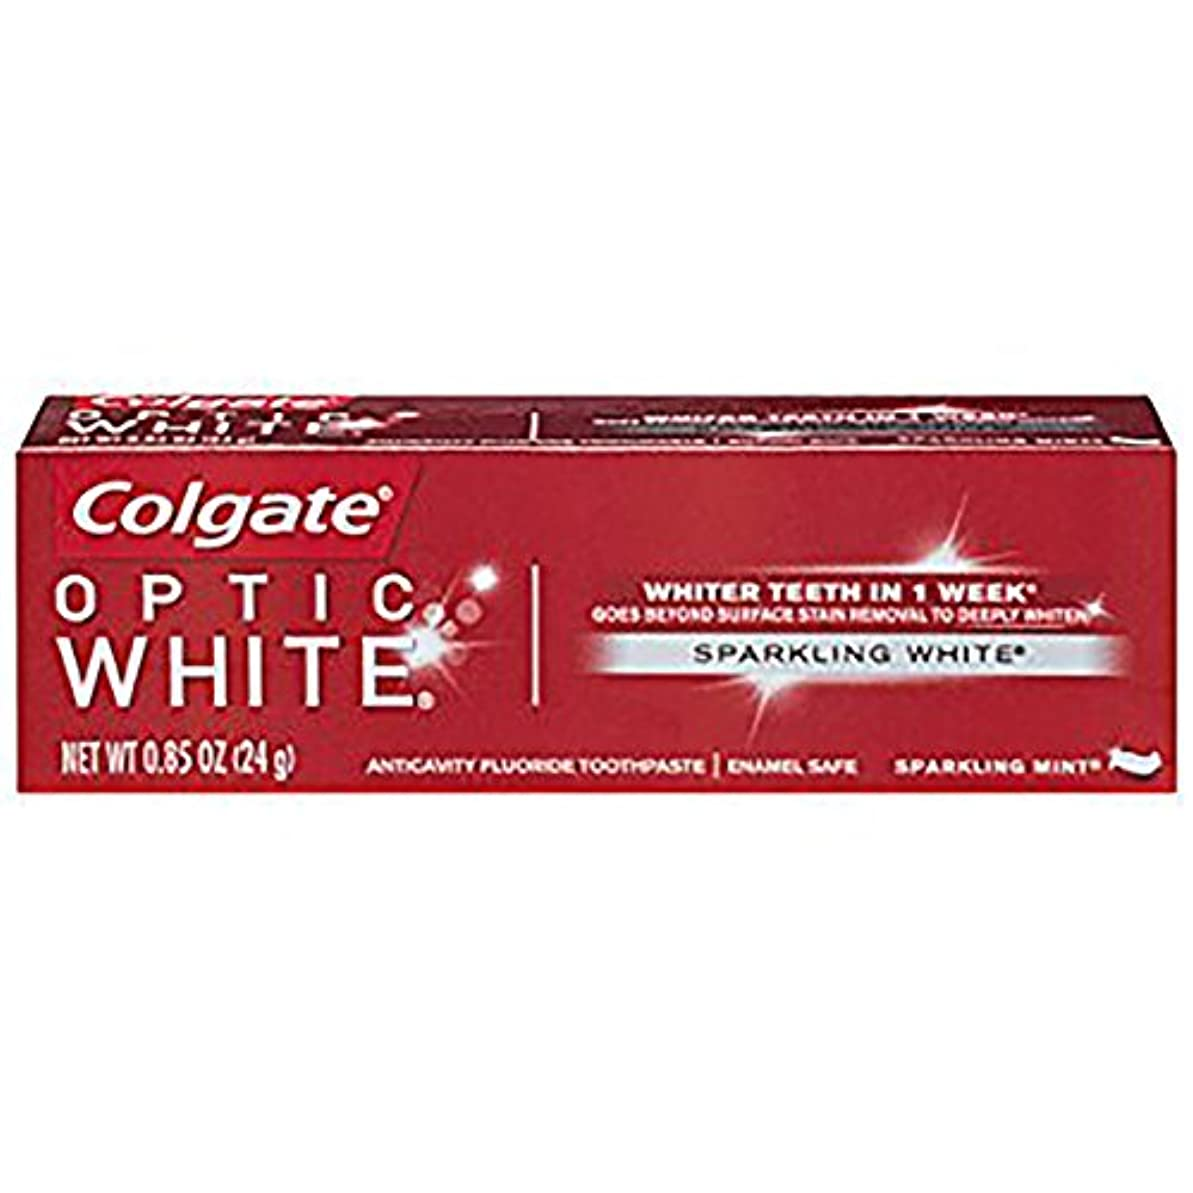 半島買収半島コルゲート ホワイトニング Colgate 24g Optic White Sparkling White 白い歯 歯磨き粉 ミント